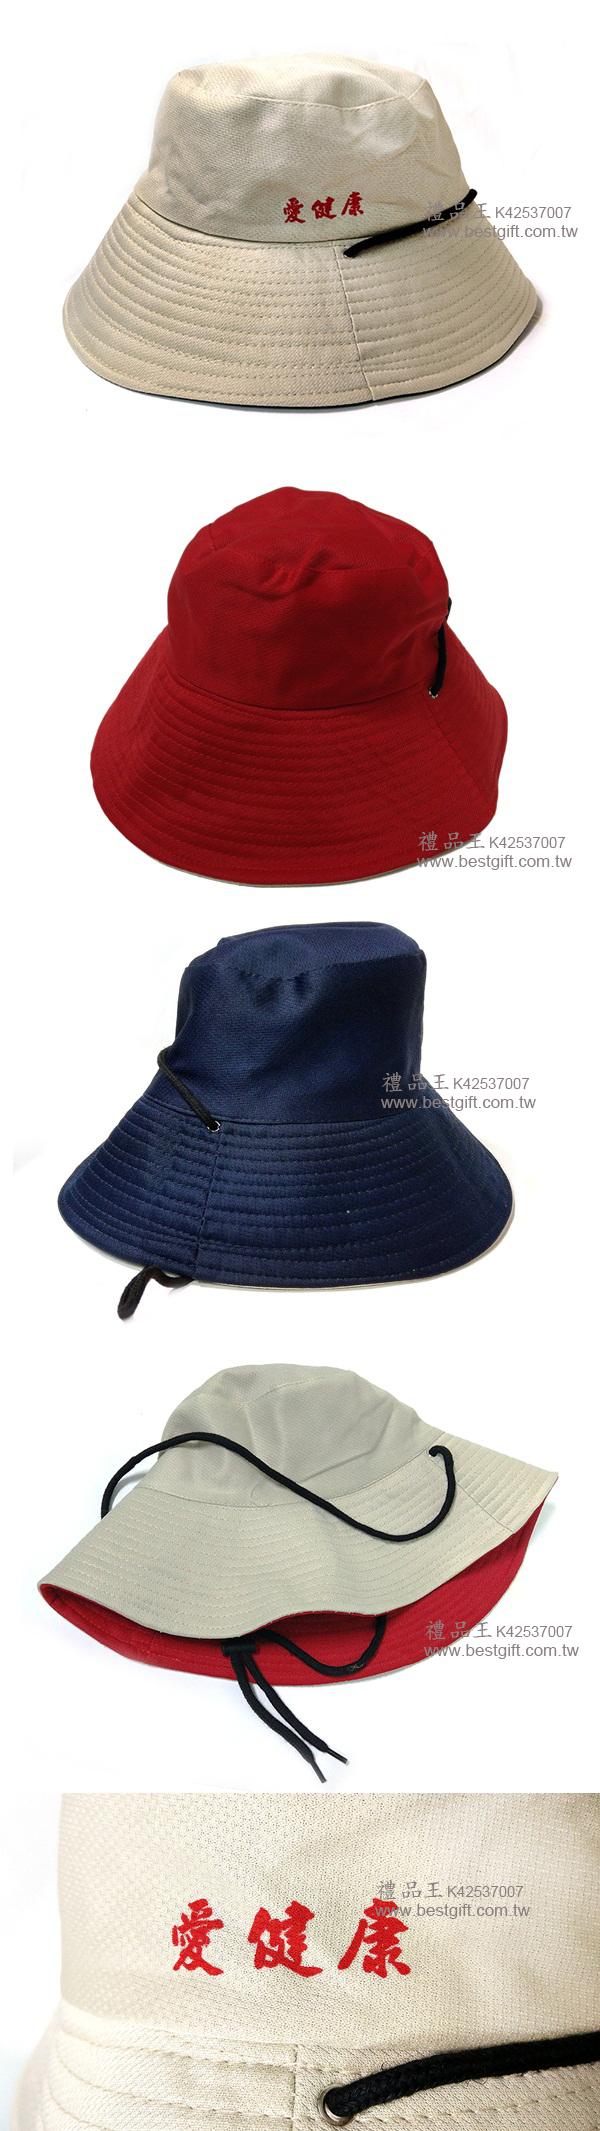 棉雙面帶大眉休閒帽      商品貨號: K42537007